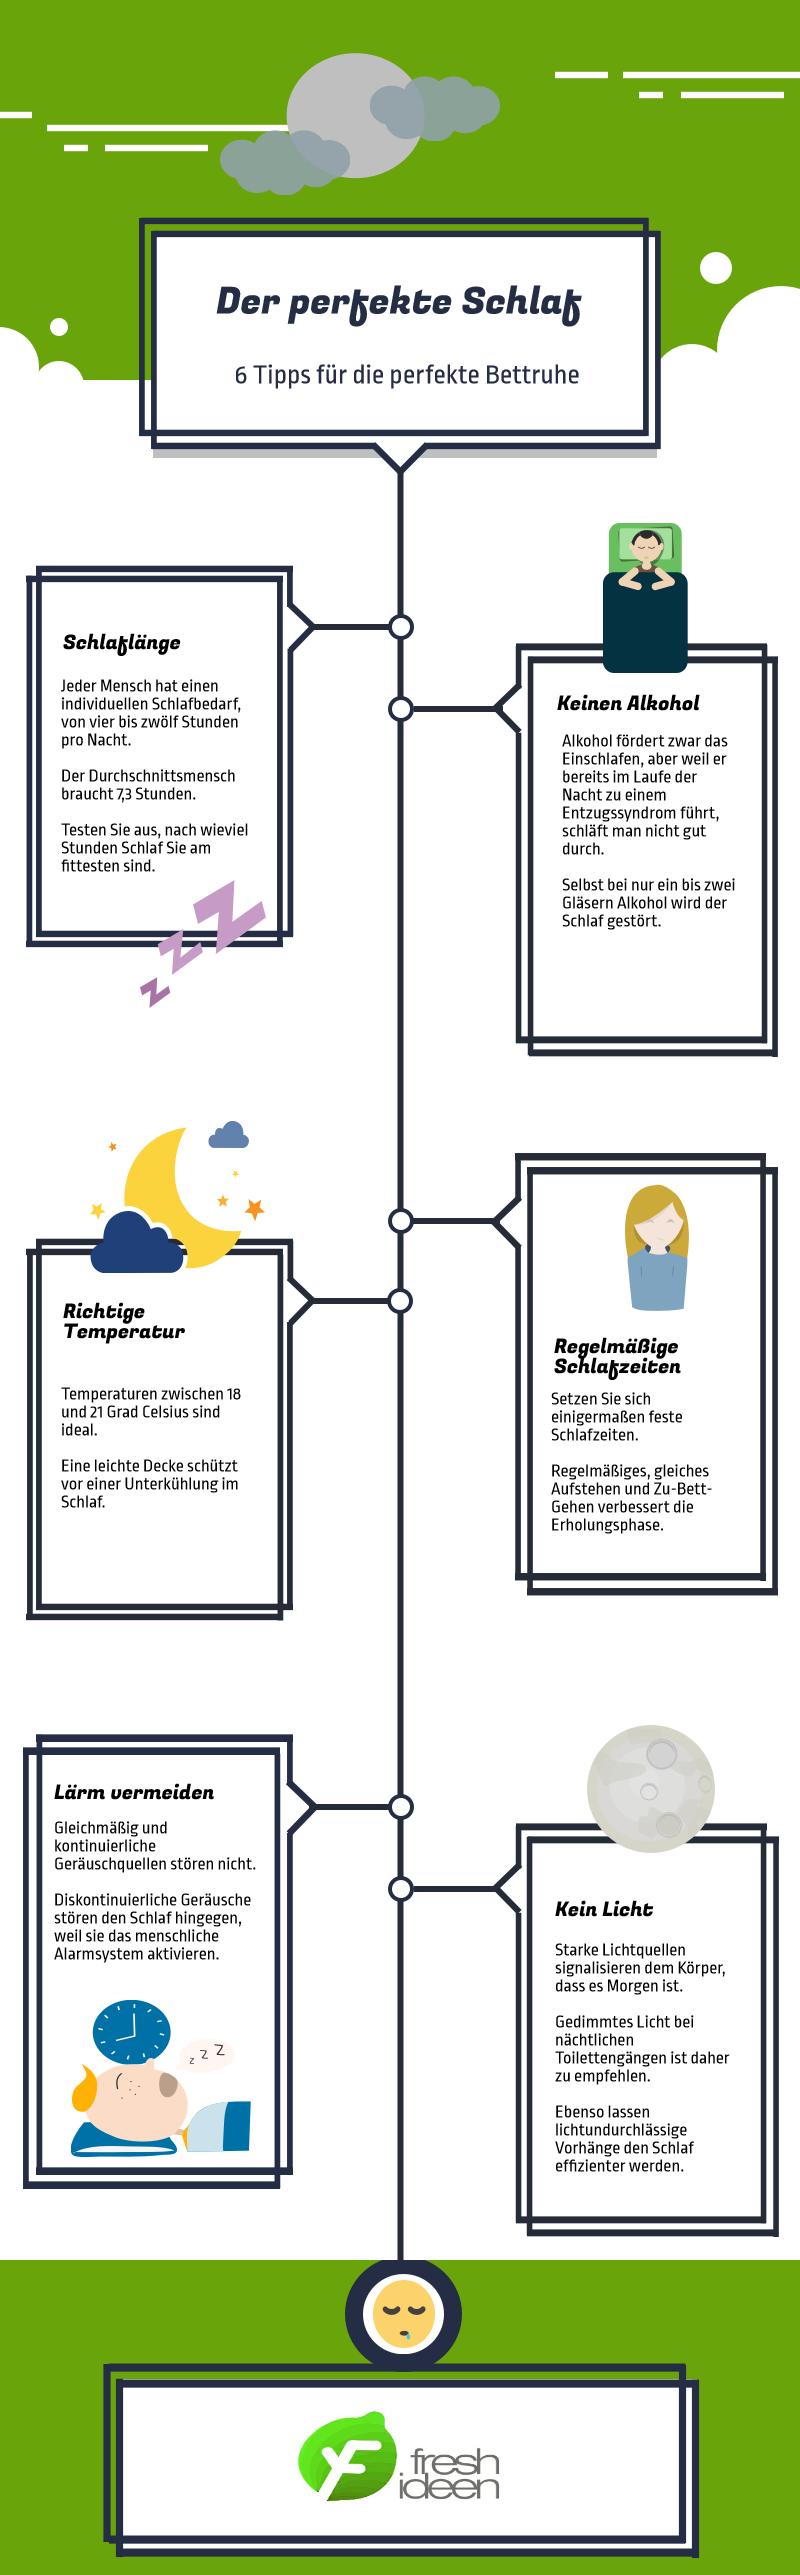 Infografik zum Thema Tipps für den perfekten Schlaf